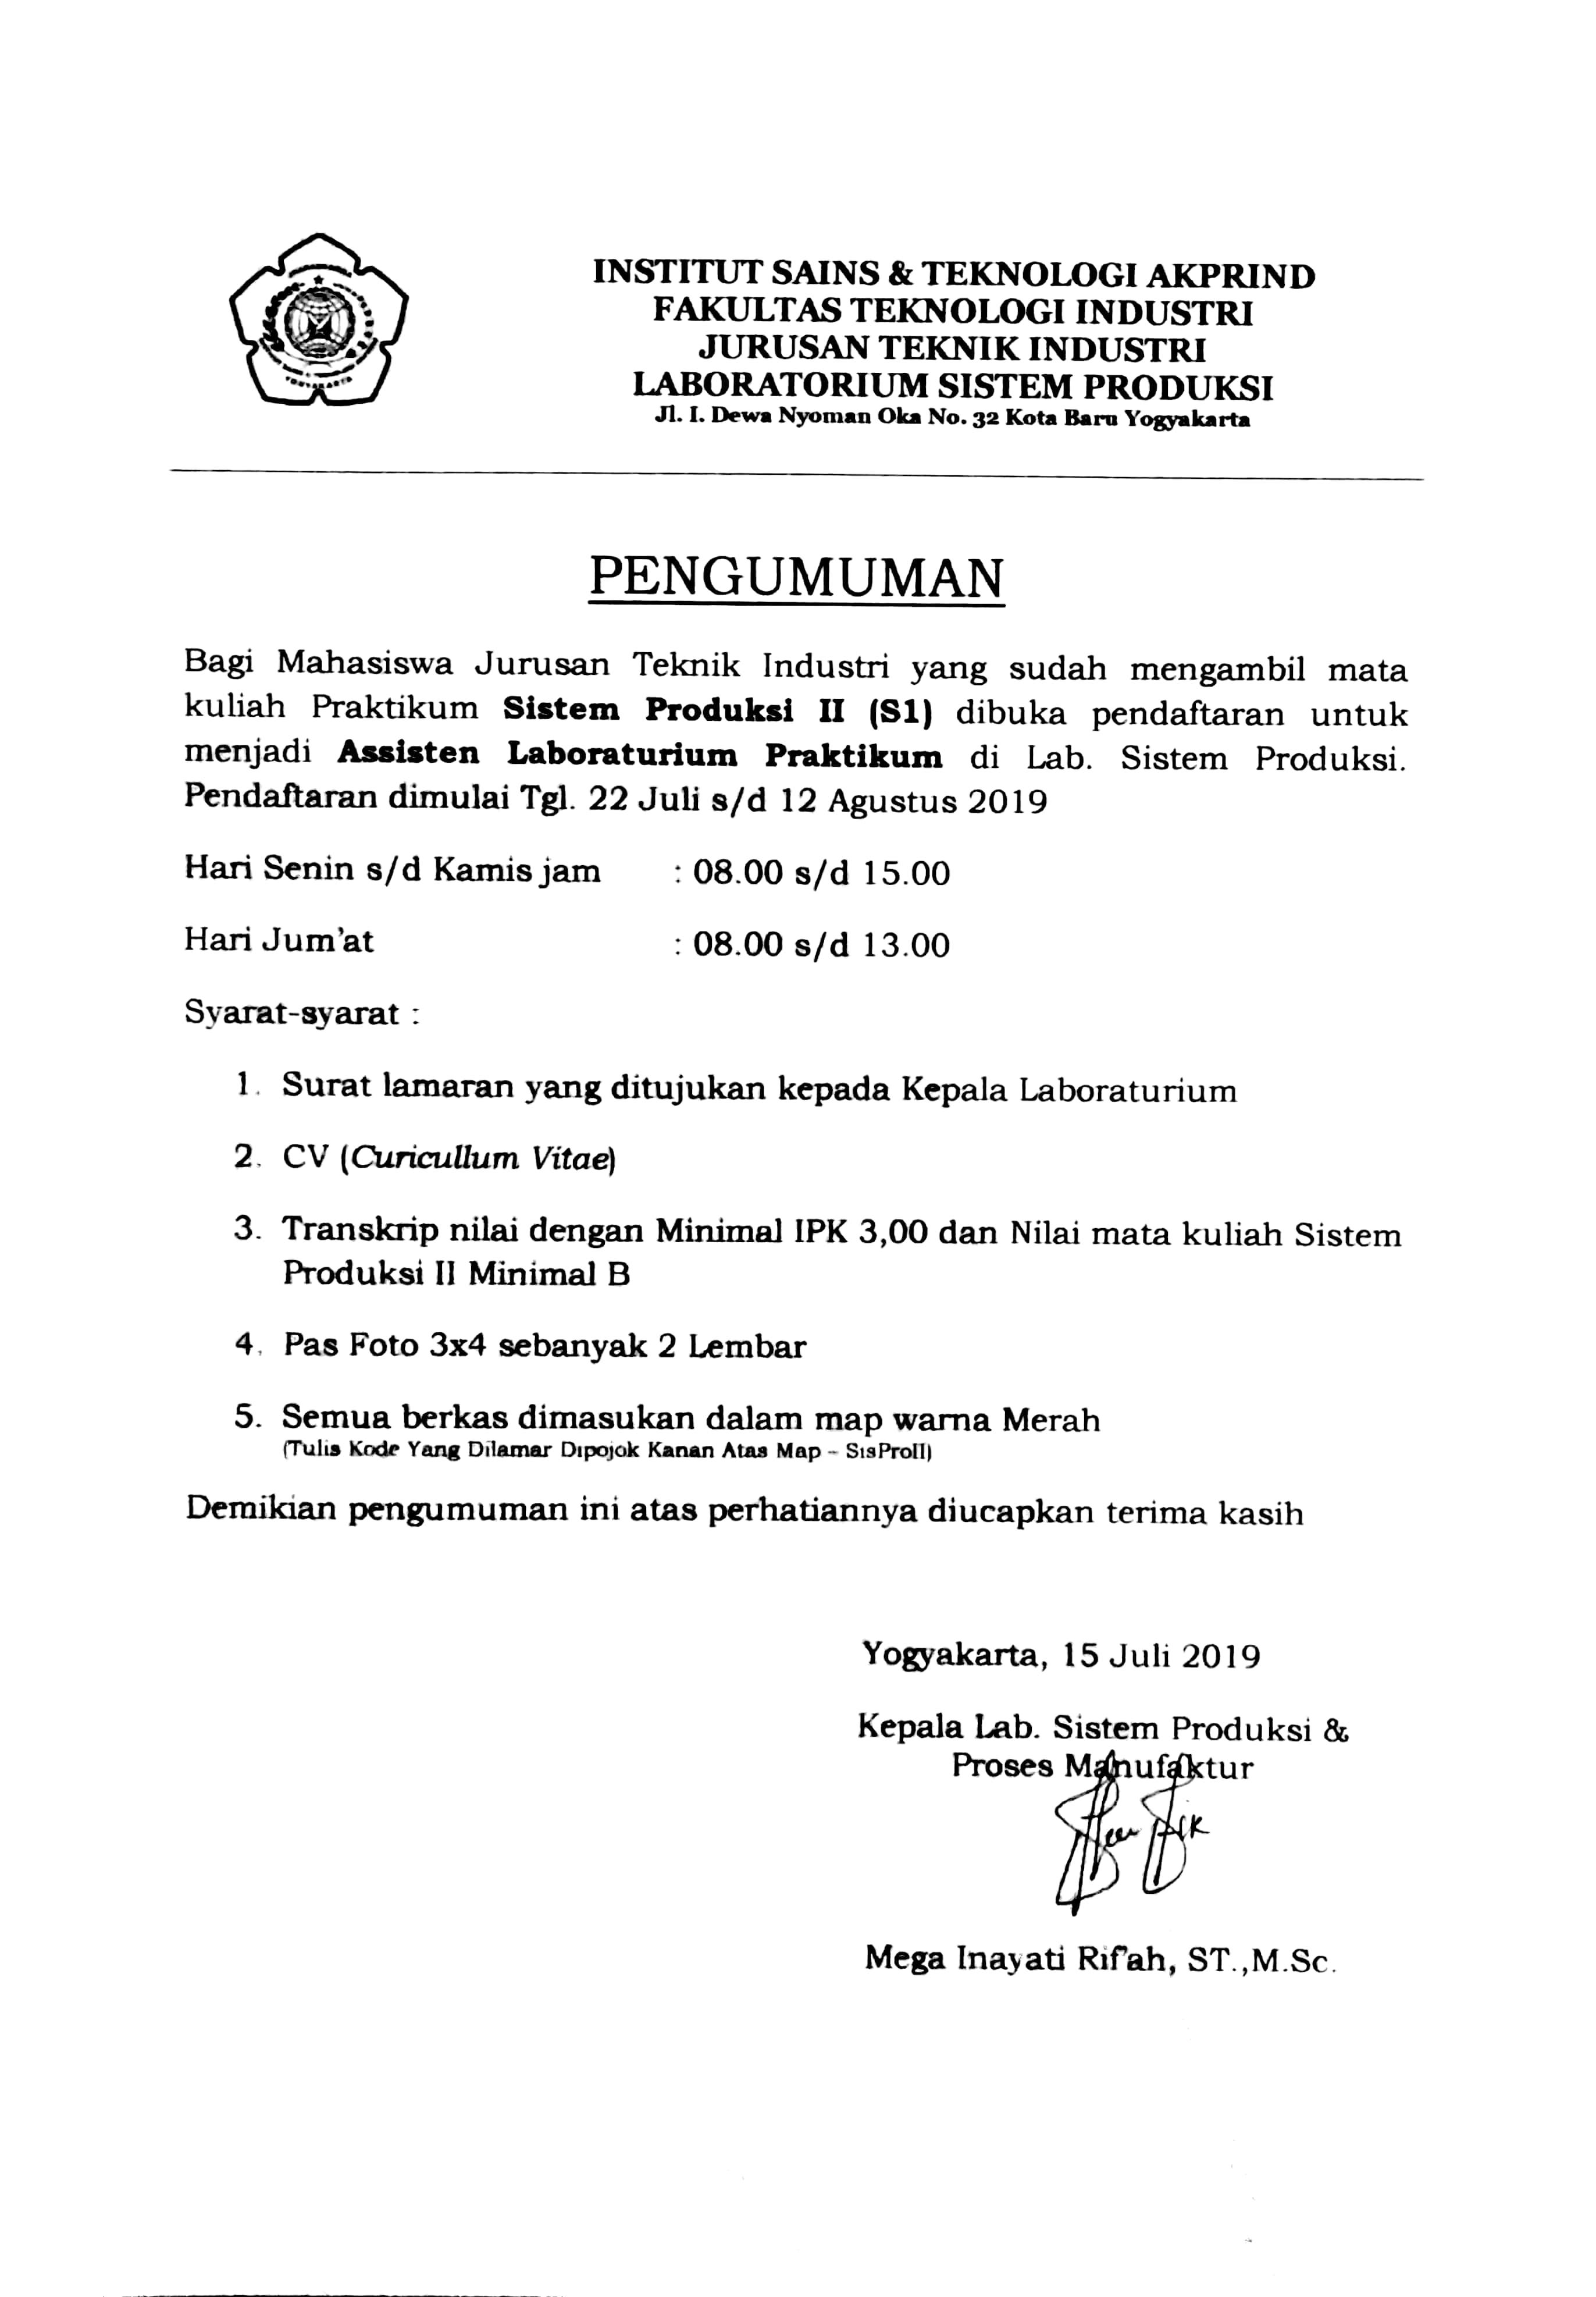 Pengumuman Pendaftaran Aslab SISPRO II